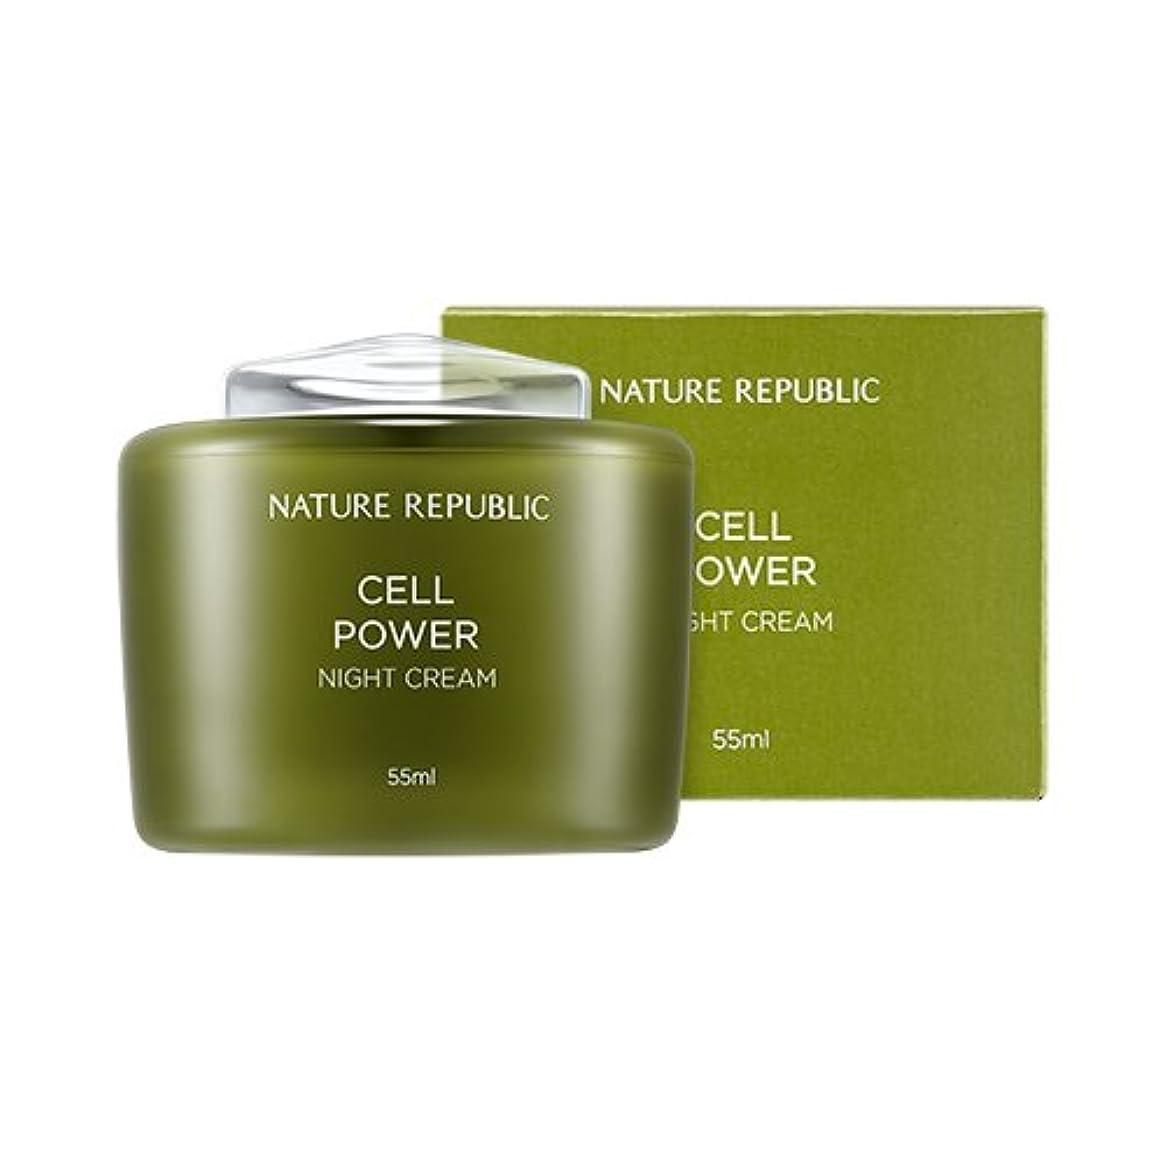 コーデリアきらめき肌Nature Republic Cell Power Night Cream ネイチャーリパブリックセルパワーナイトクリーム [並行輸入品]